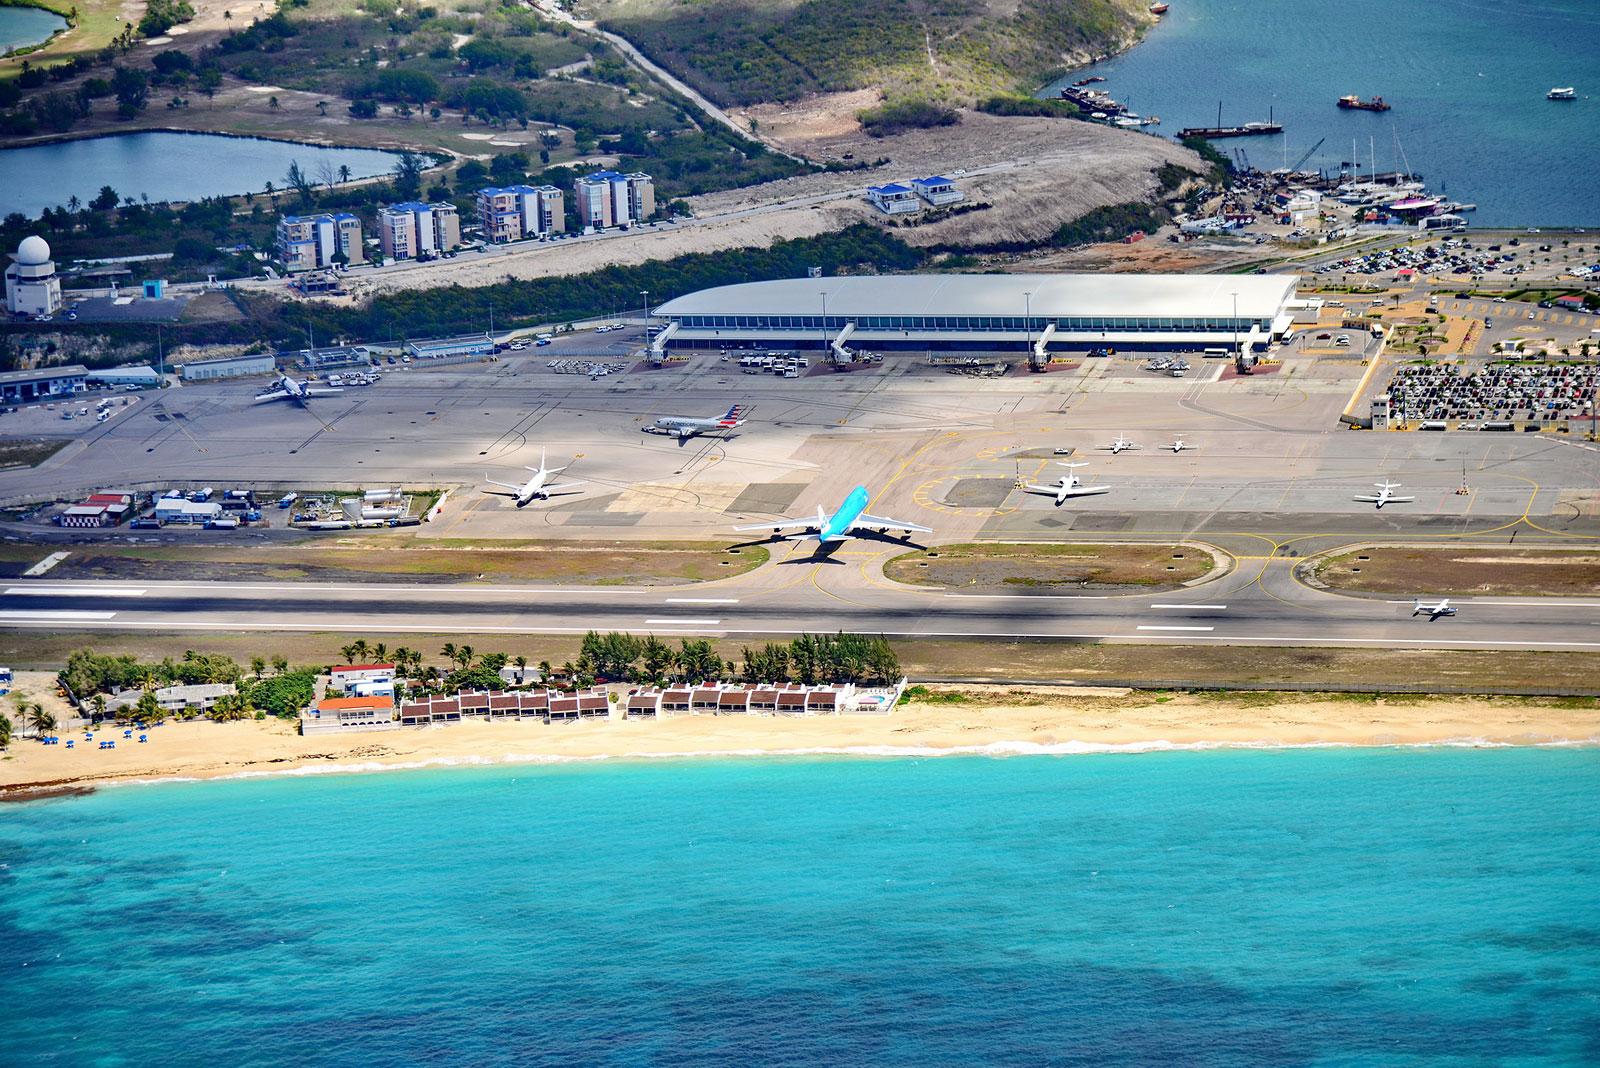 The Princess Juliana International Airport of Sint Maarten.